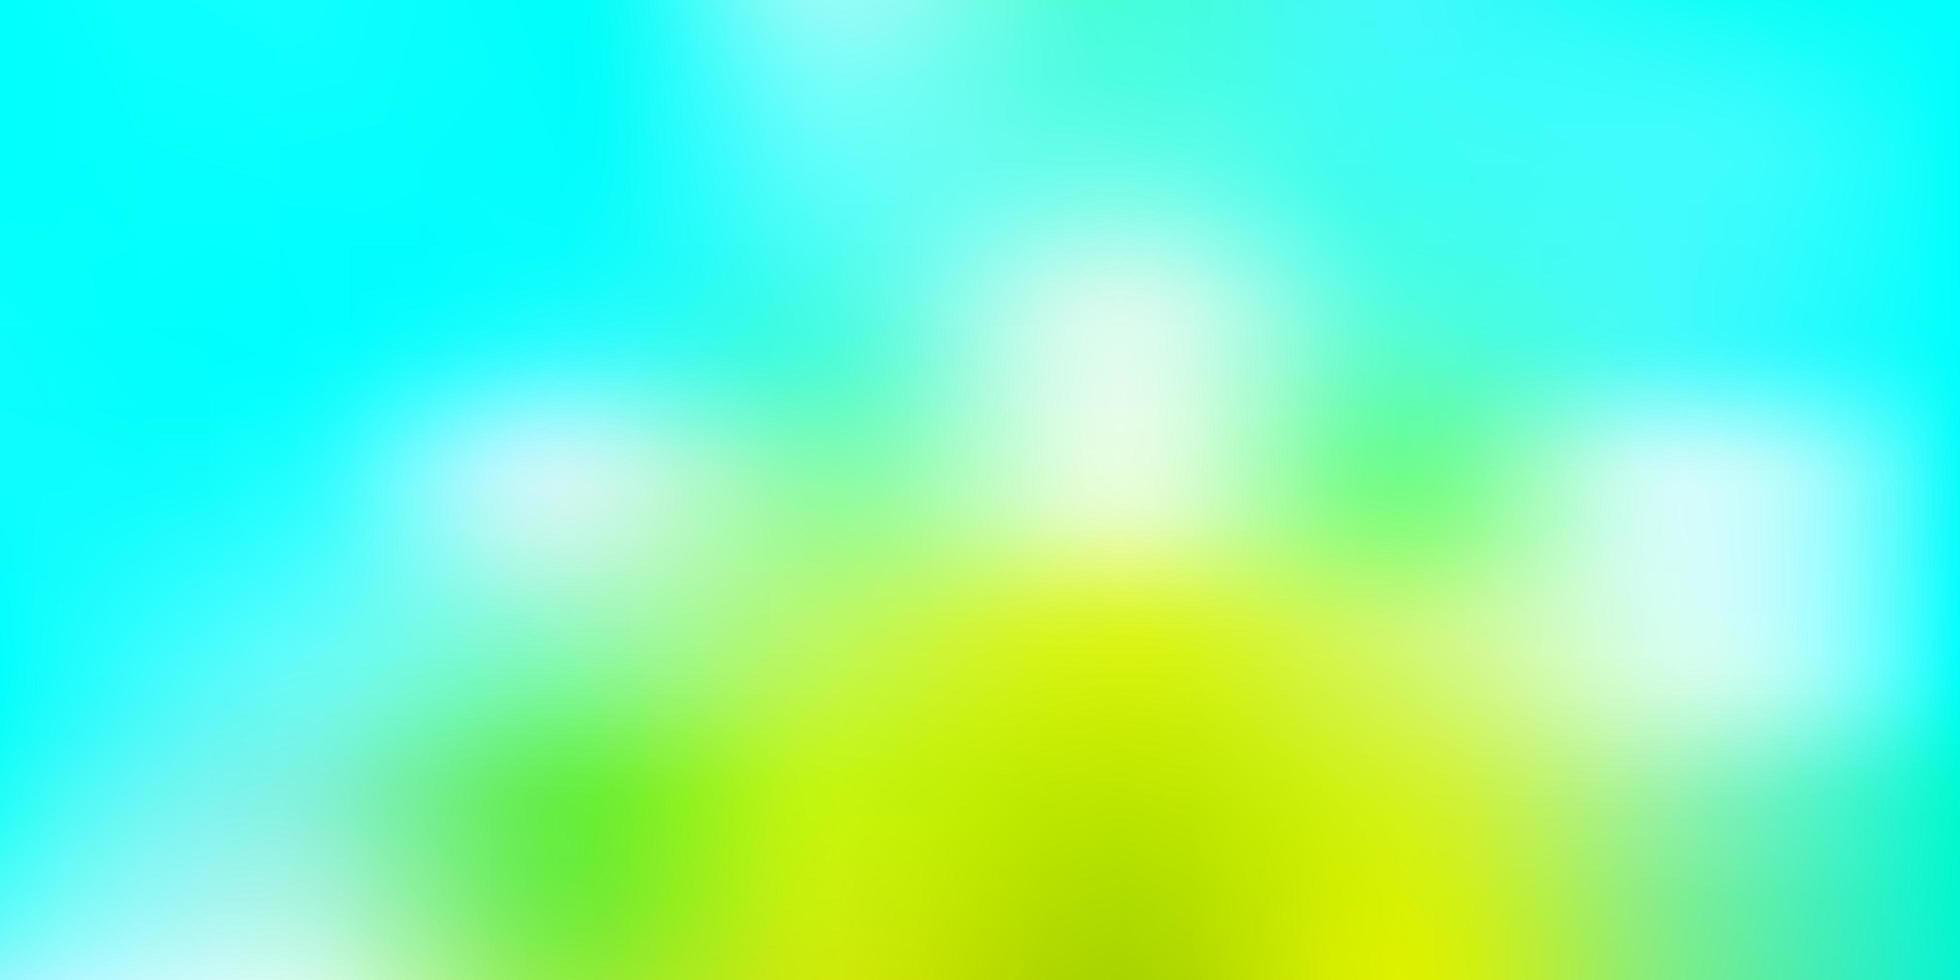 lichtblauwe, groene vector wazig textuur.